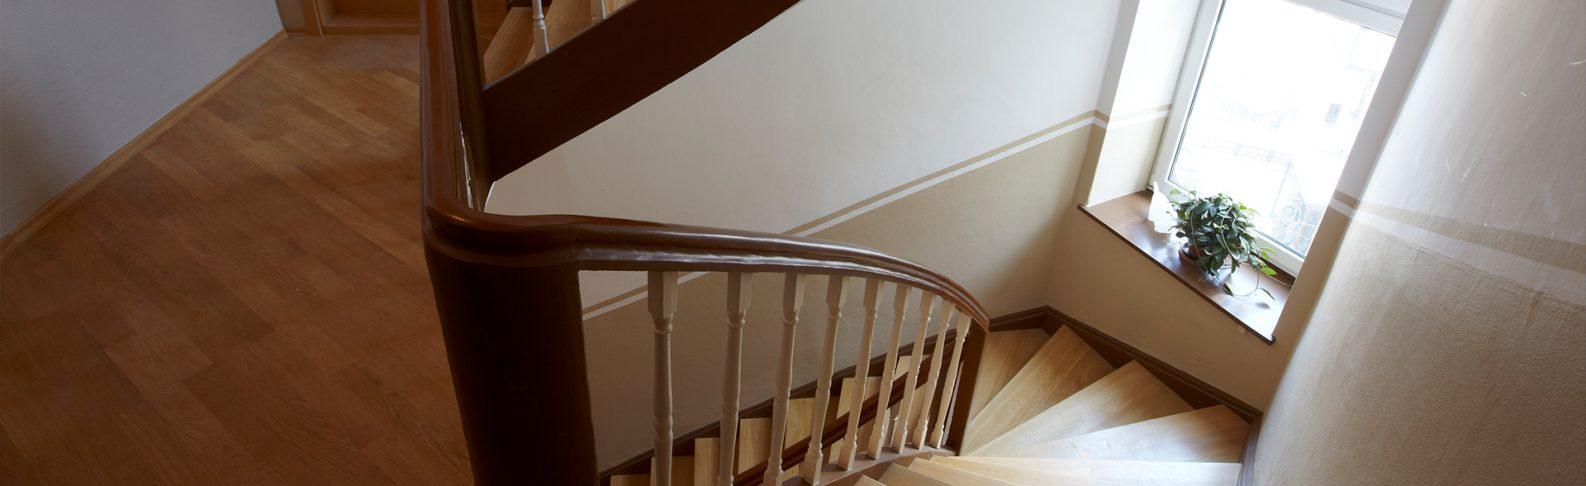 Saniertes, historisches Treppenhaus